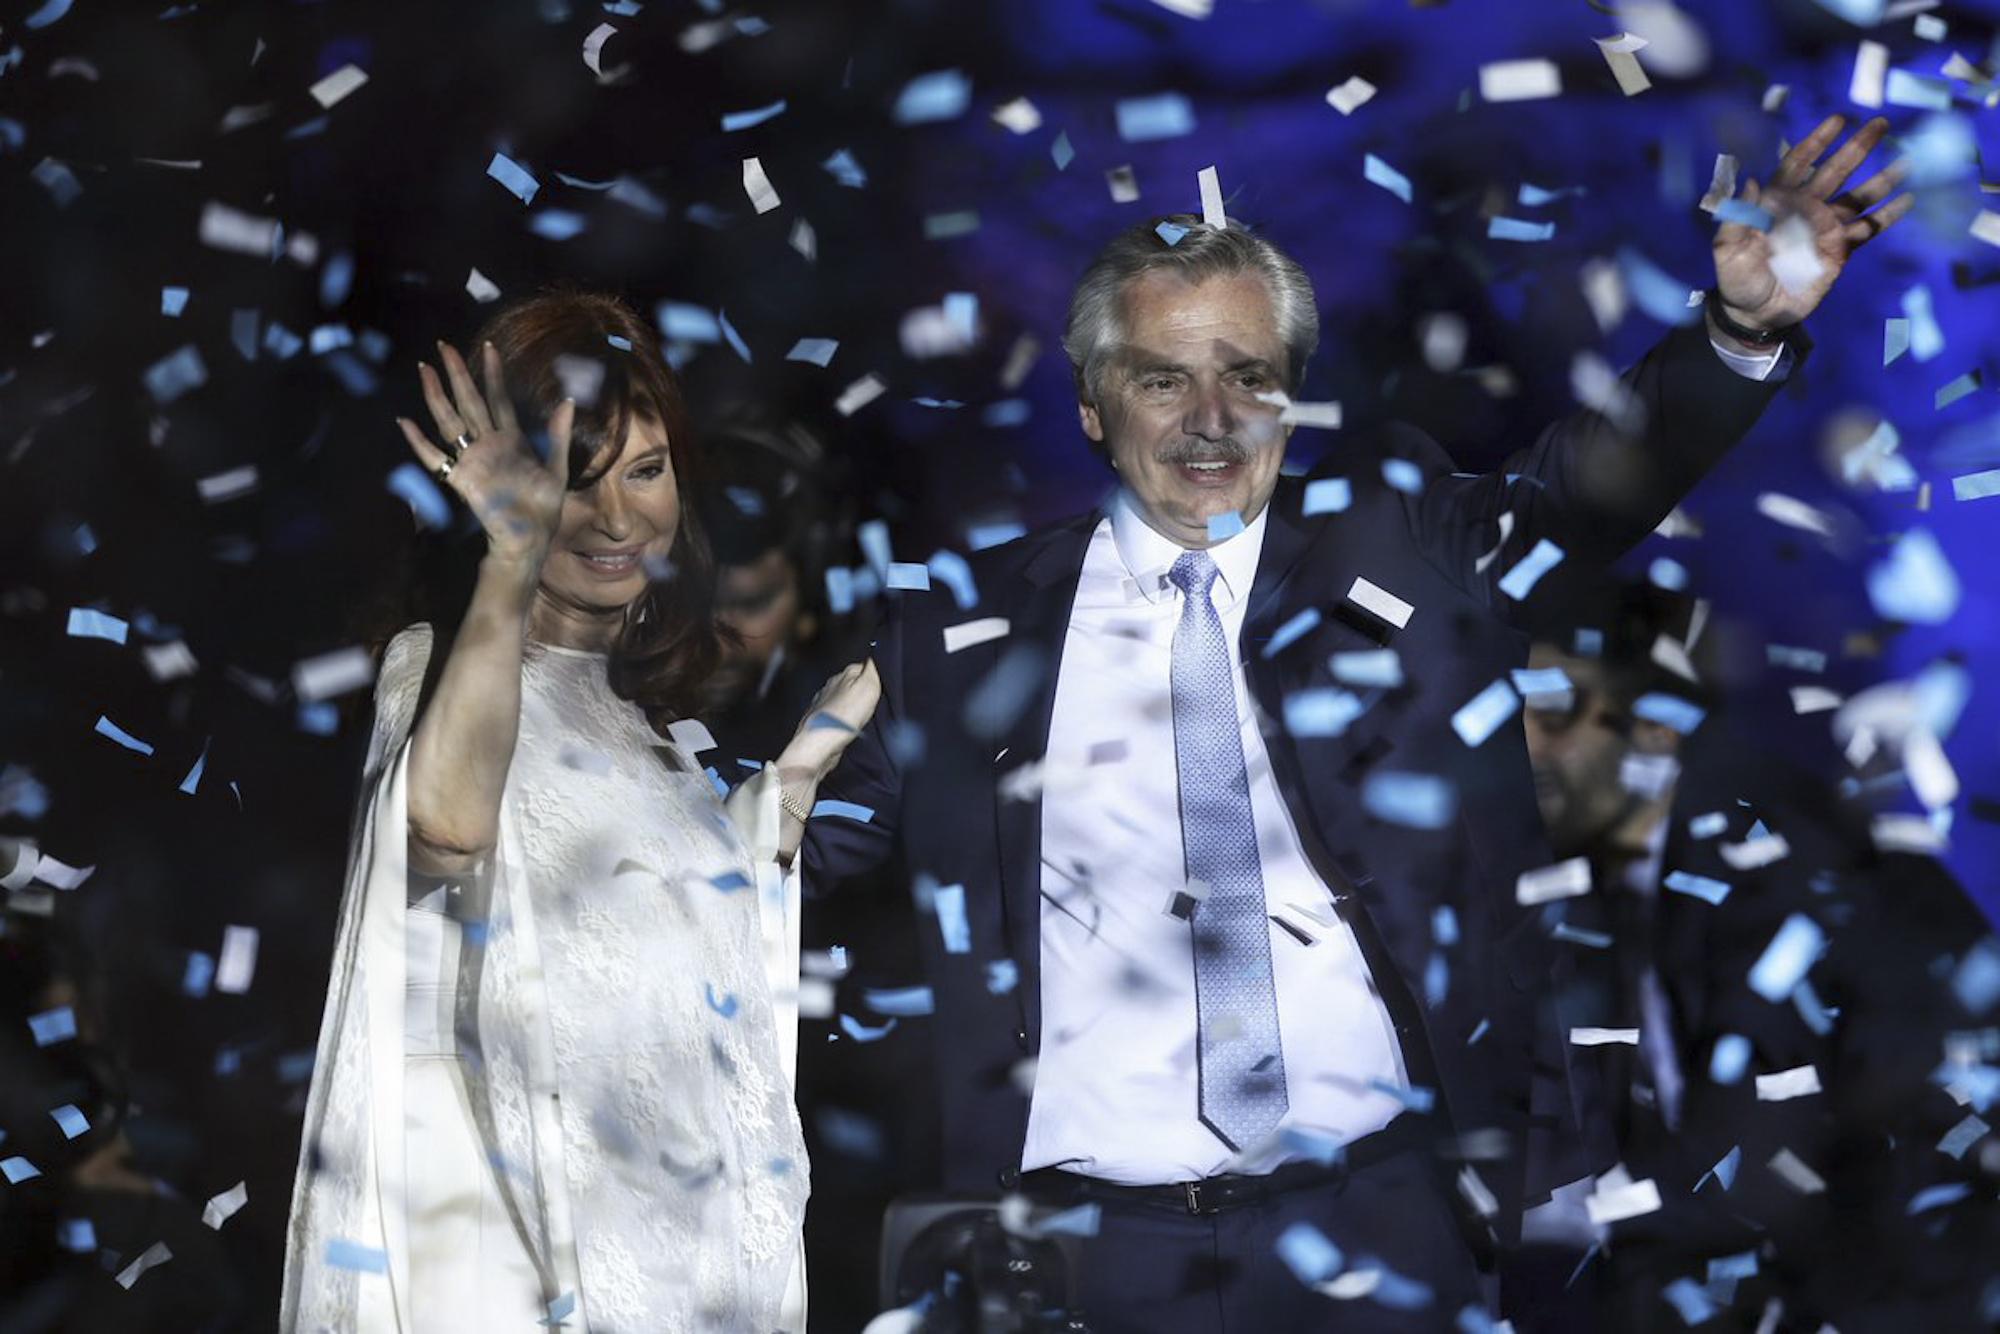 Vicepresidente sectorial Jorge Rodríguez asiste a toma de posesión de Alberto Fernández en Argentina